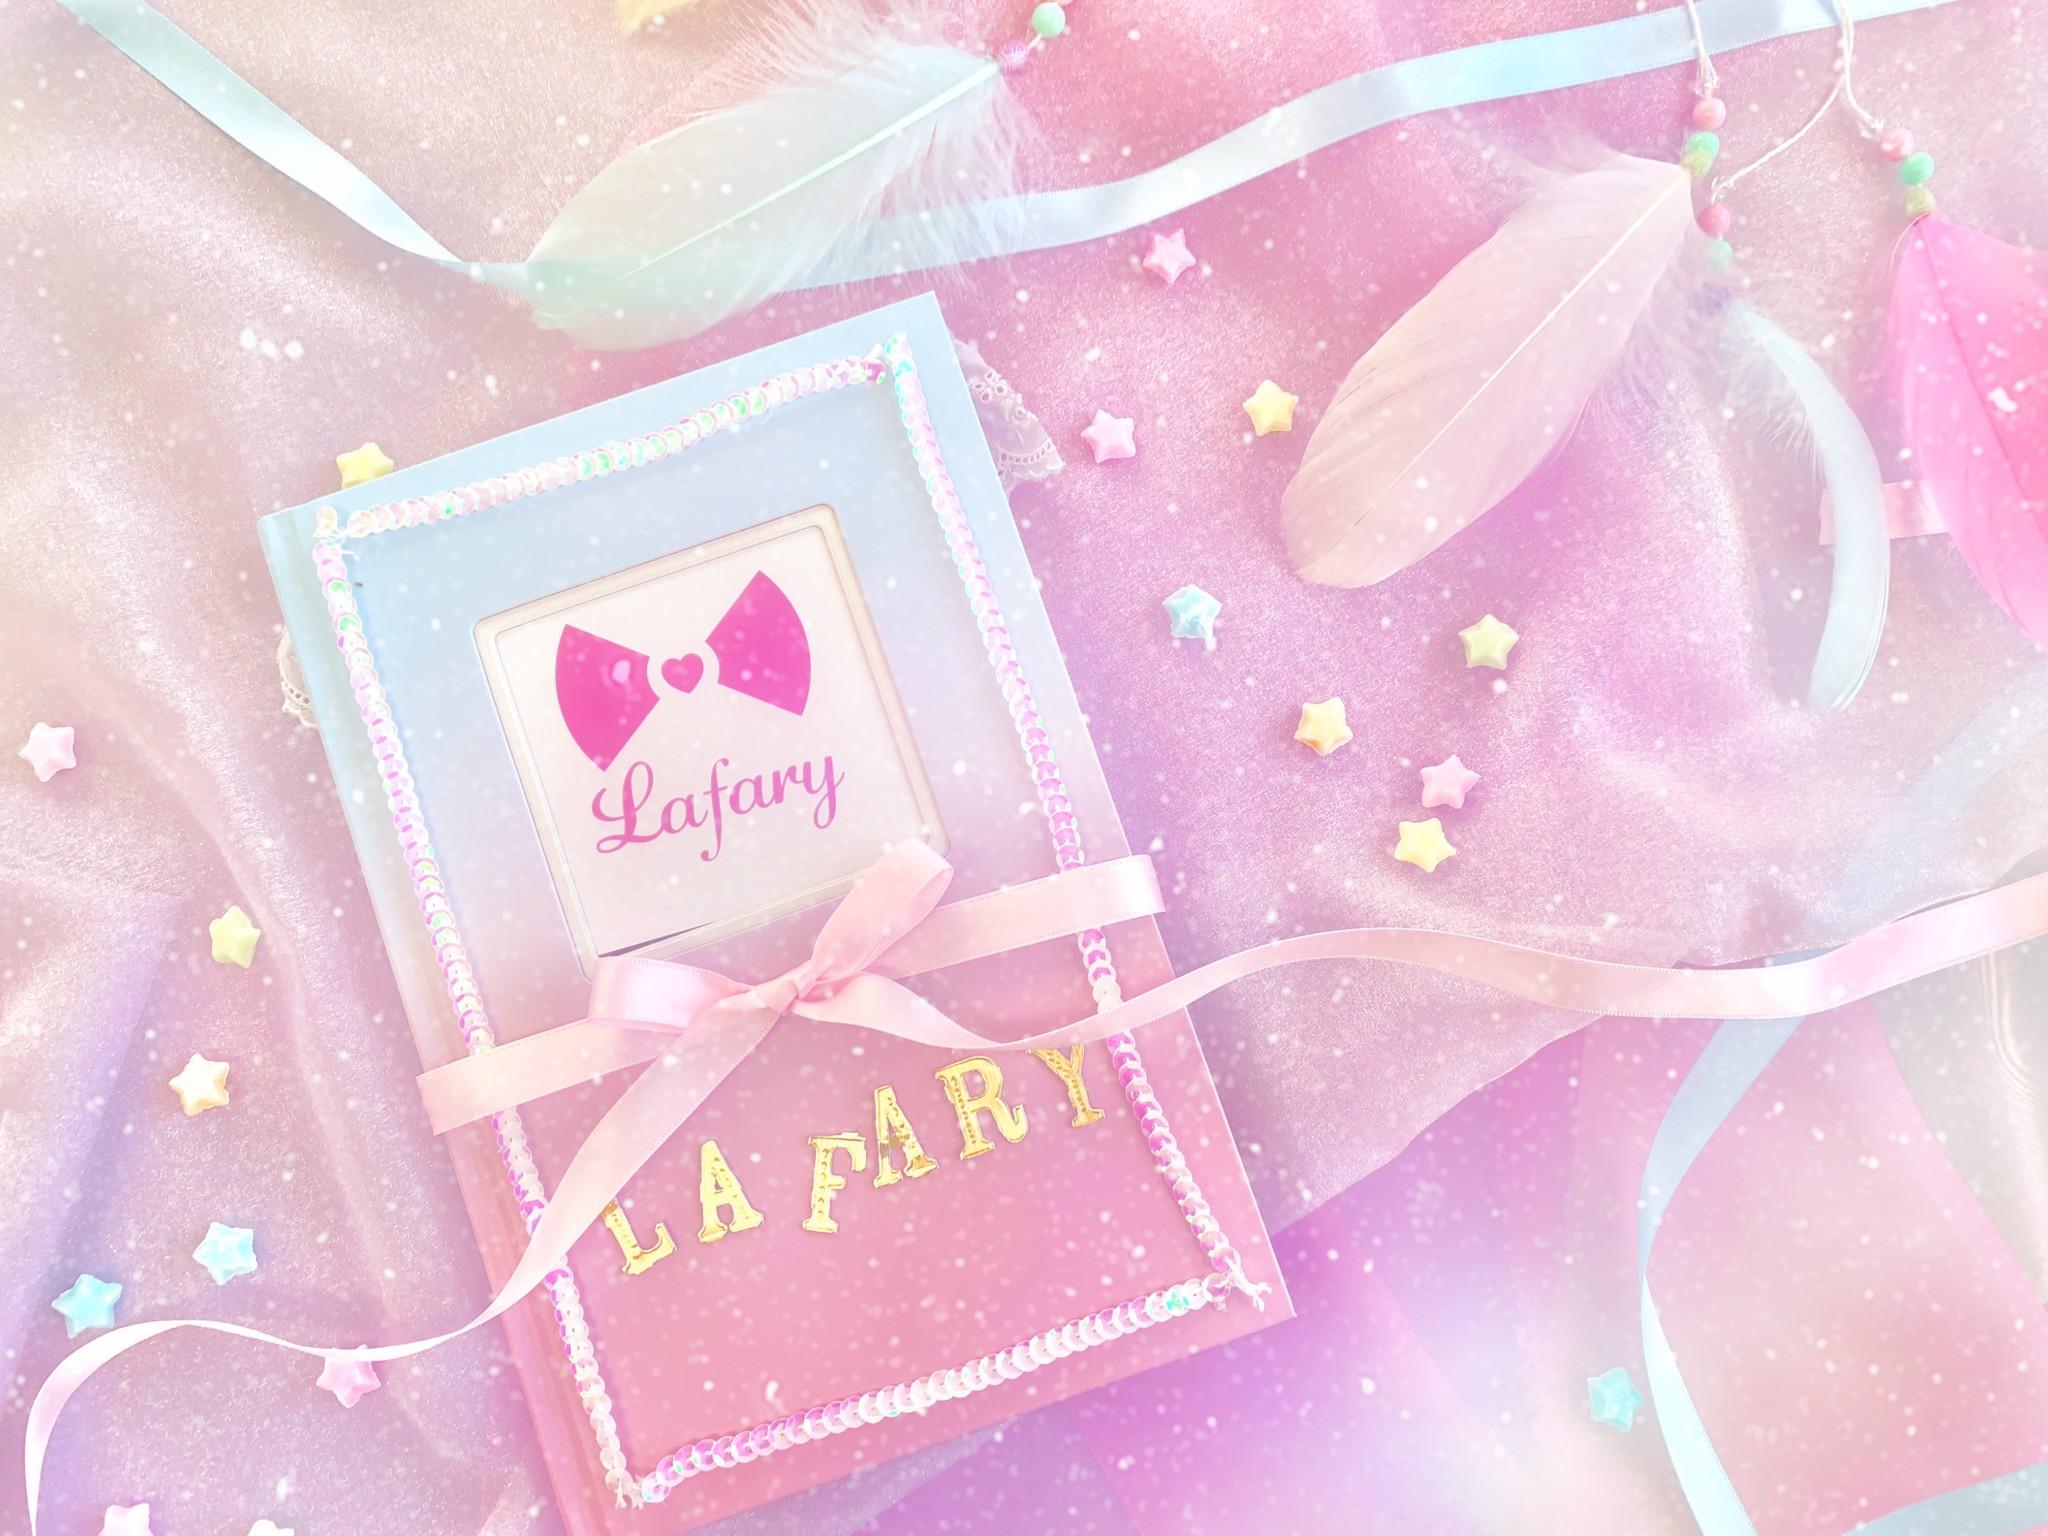 Lafary(ラファリー)ゆめかわ系メディア♡【ライター・クリエイター】インターン生募集中